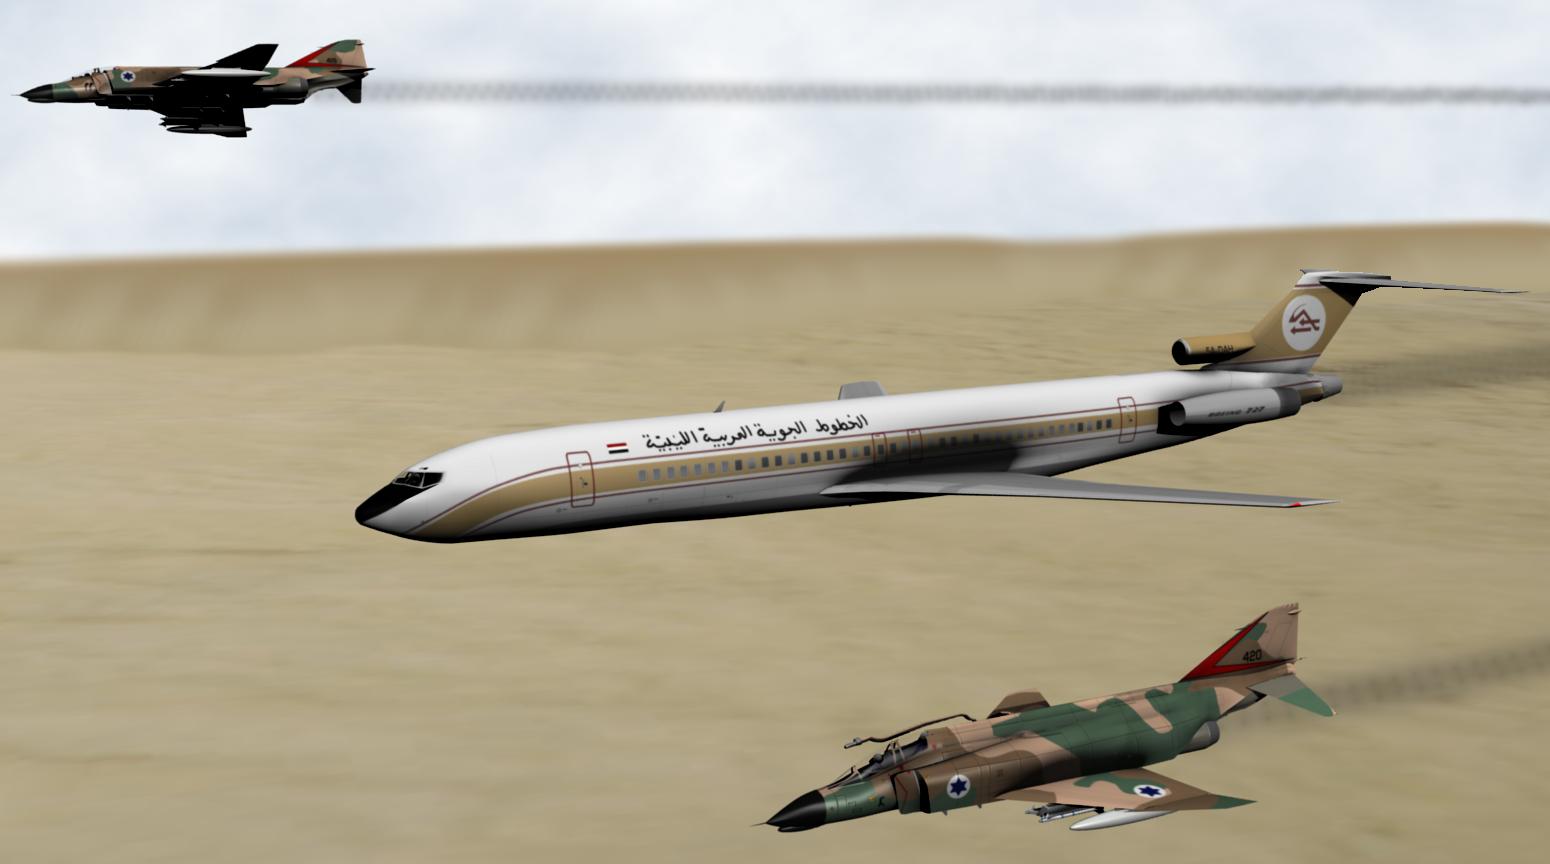 صور الخطوط الجوية الليبية مواعيد الرحلات , الخطوط الجوية لليبيا